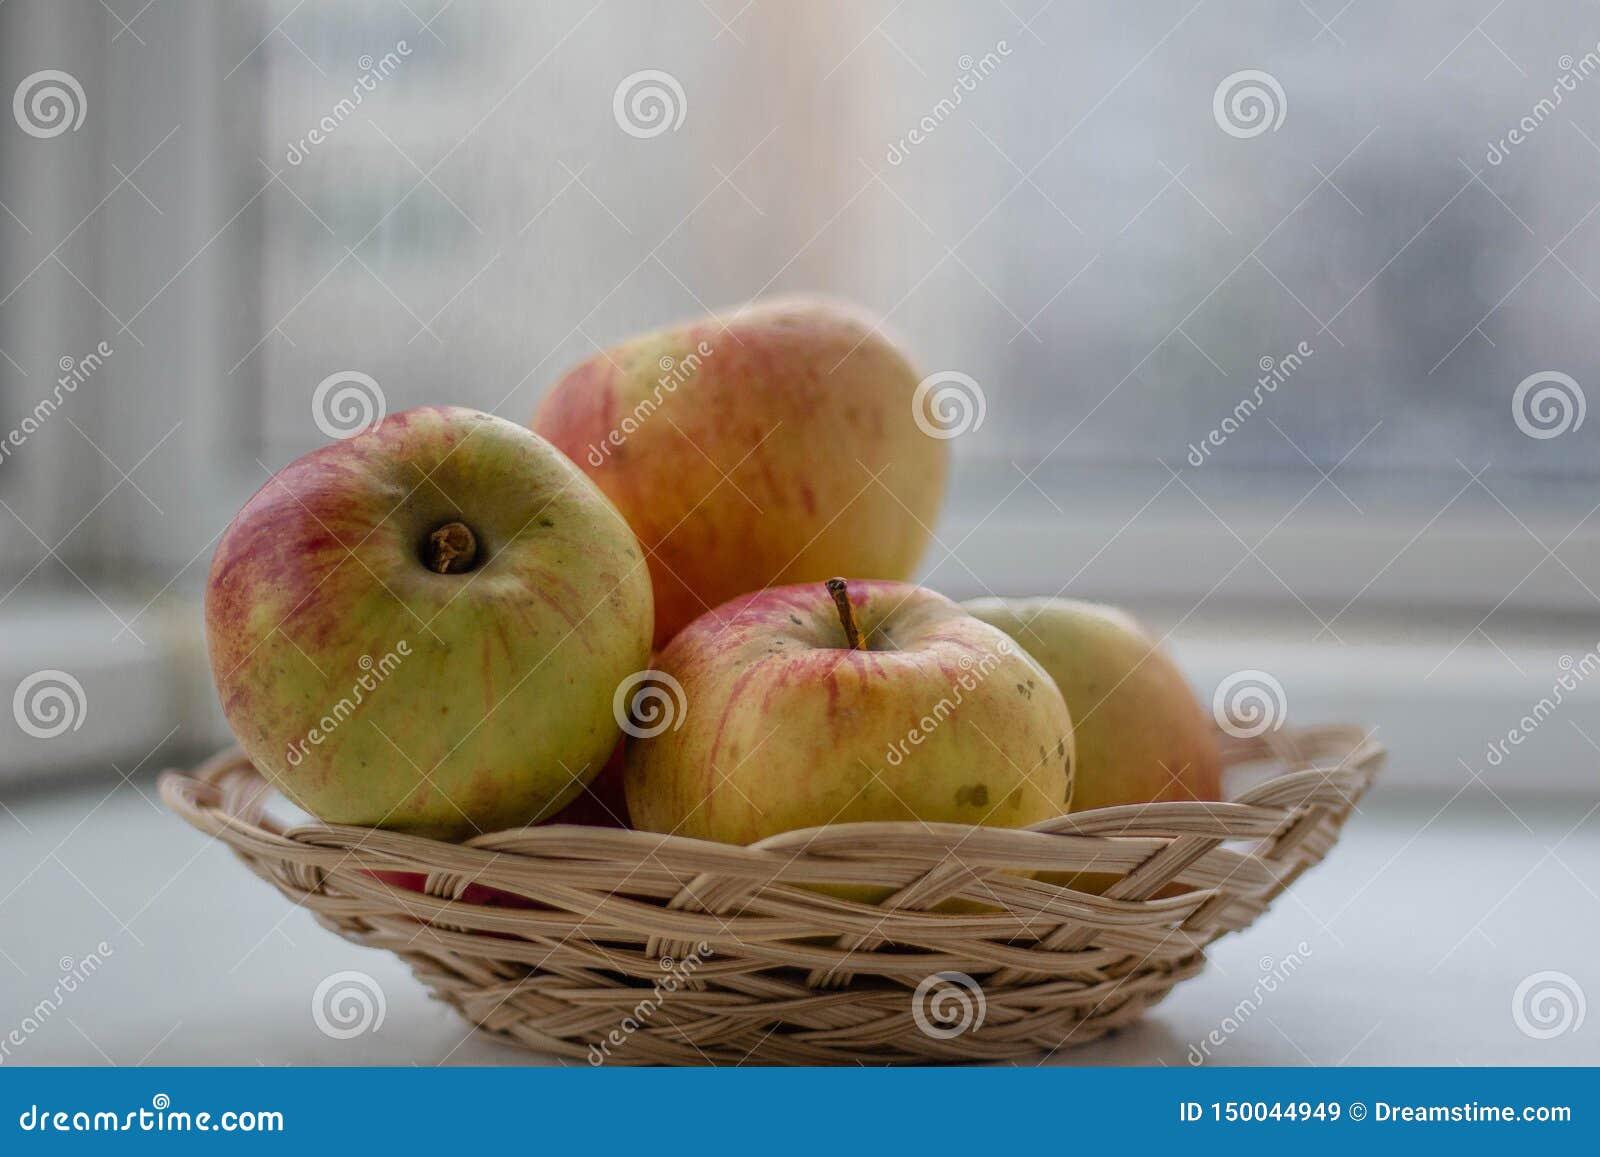 De appelen liggen in een rieten mandclose-up